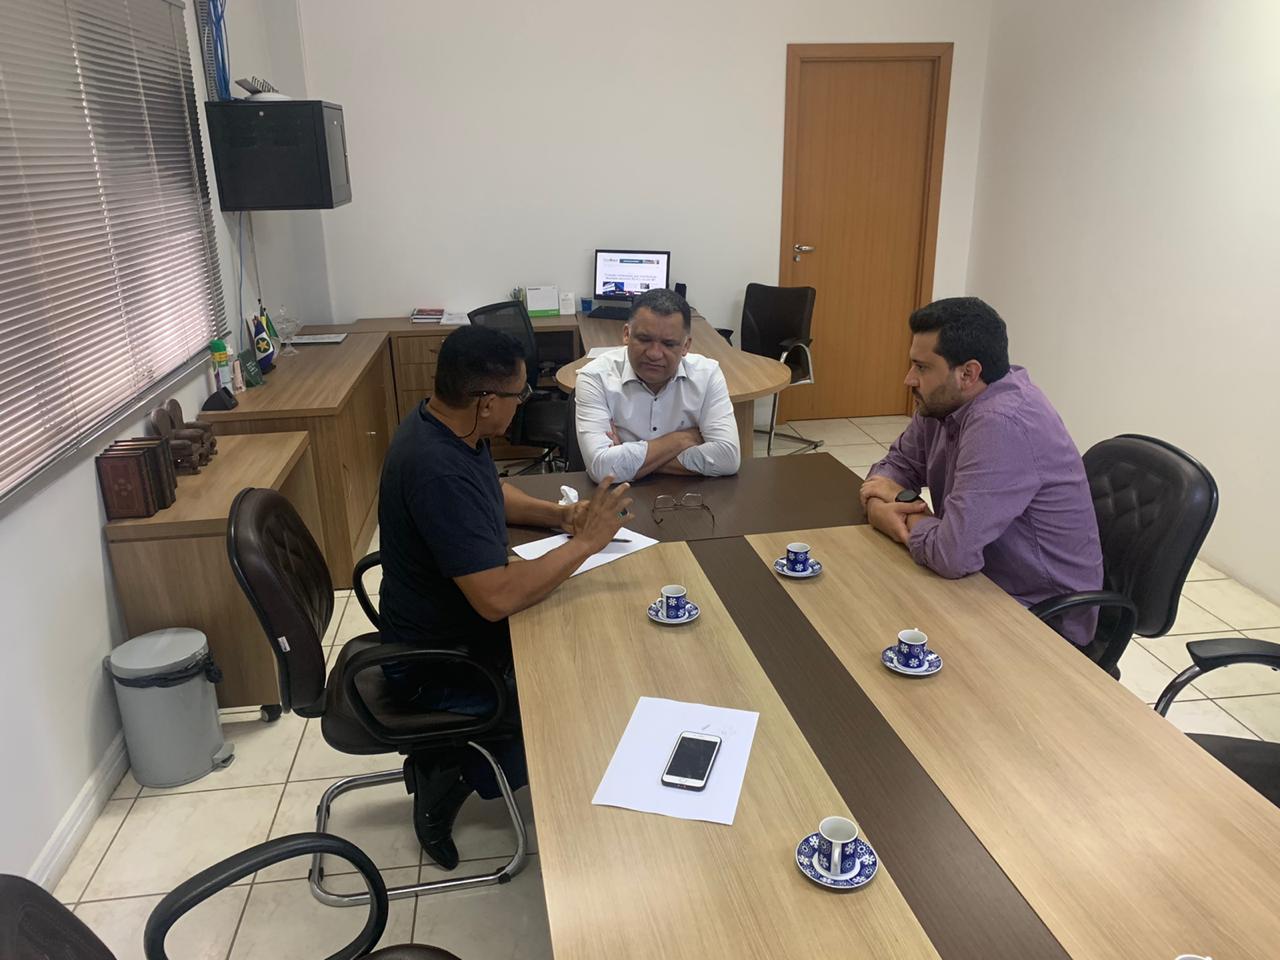 """Na visita de Hemerson Máximo (Maninho) à Secretaria da Agricultura Familiar em Cuiabá, Silvano do Amaral diz que """"esta relação do Estado com a prefeitura é essencial"""""""